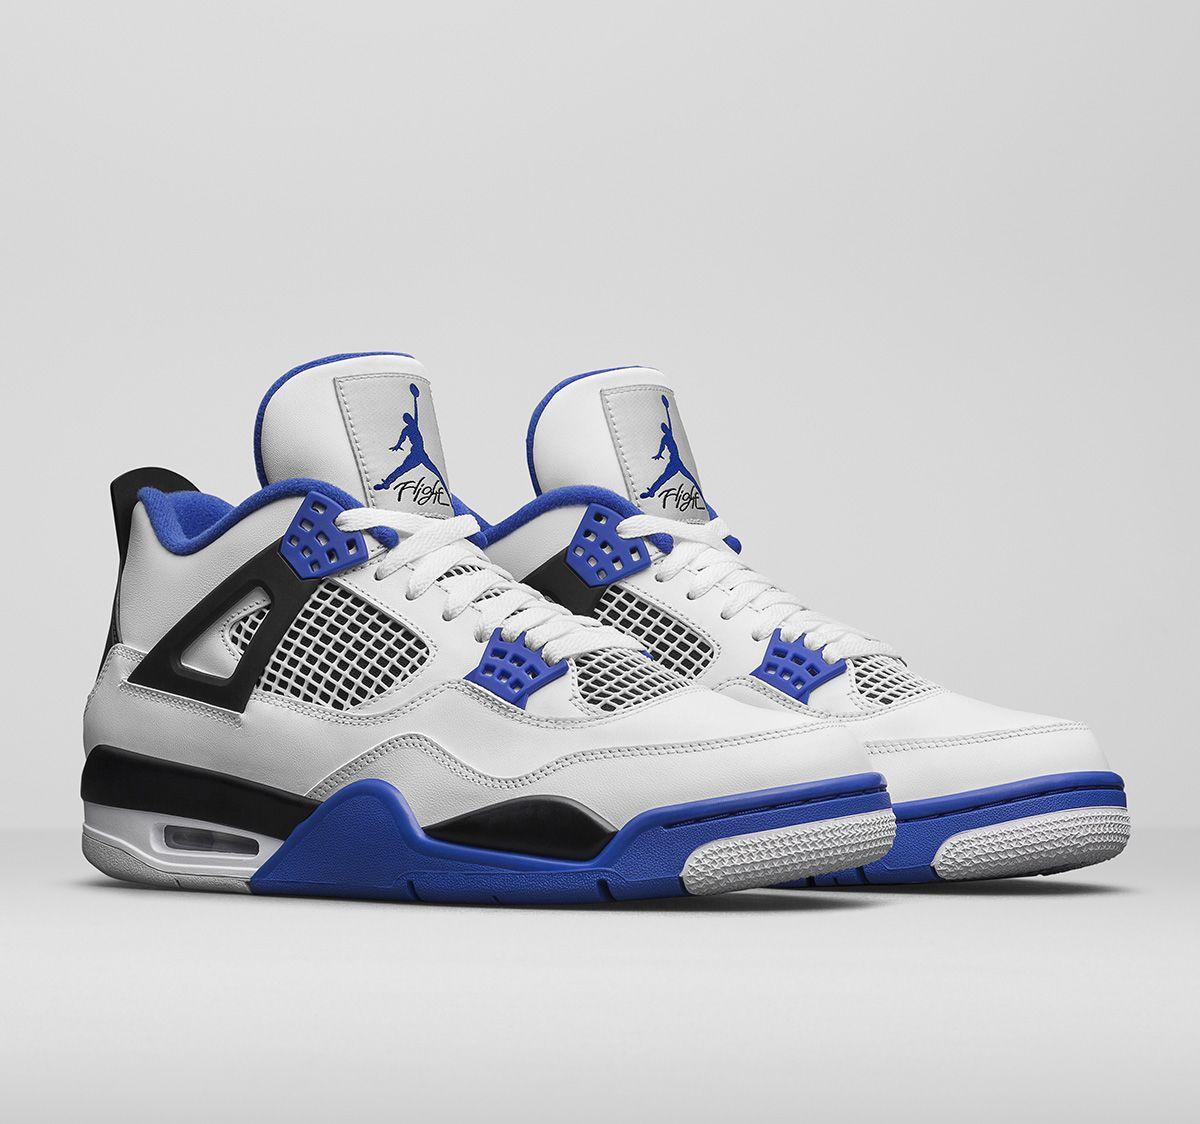 Release Date: Air Jordan 4 Retro